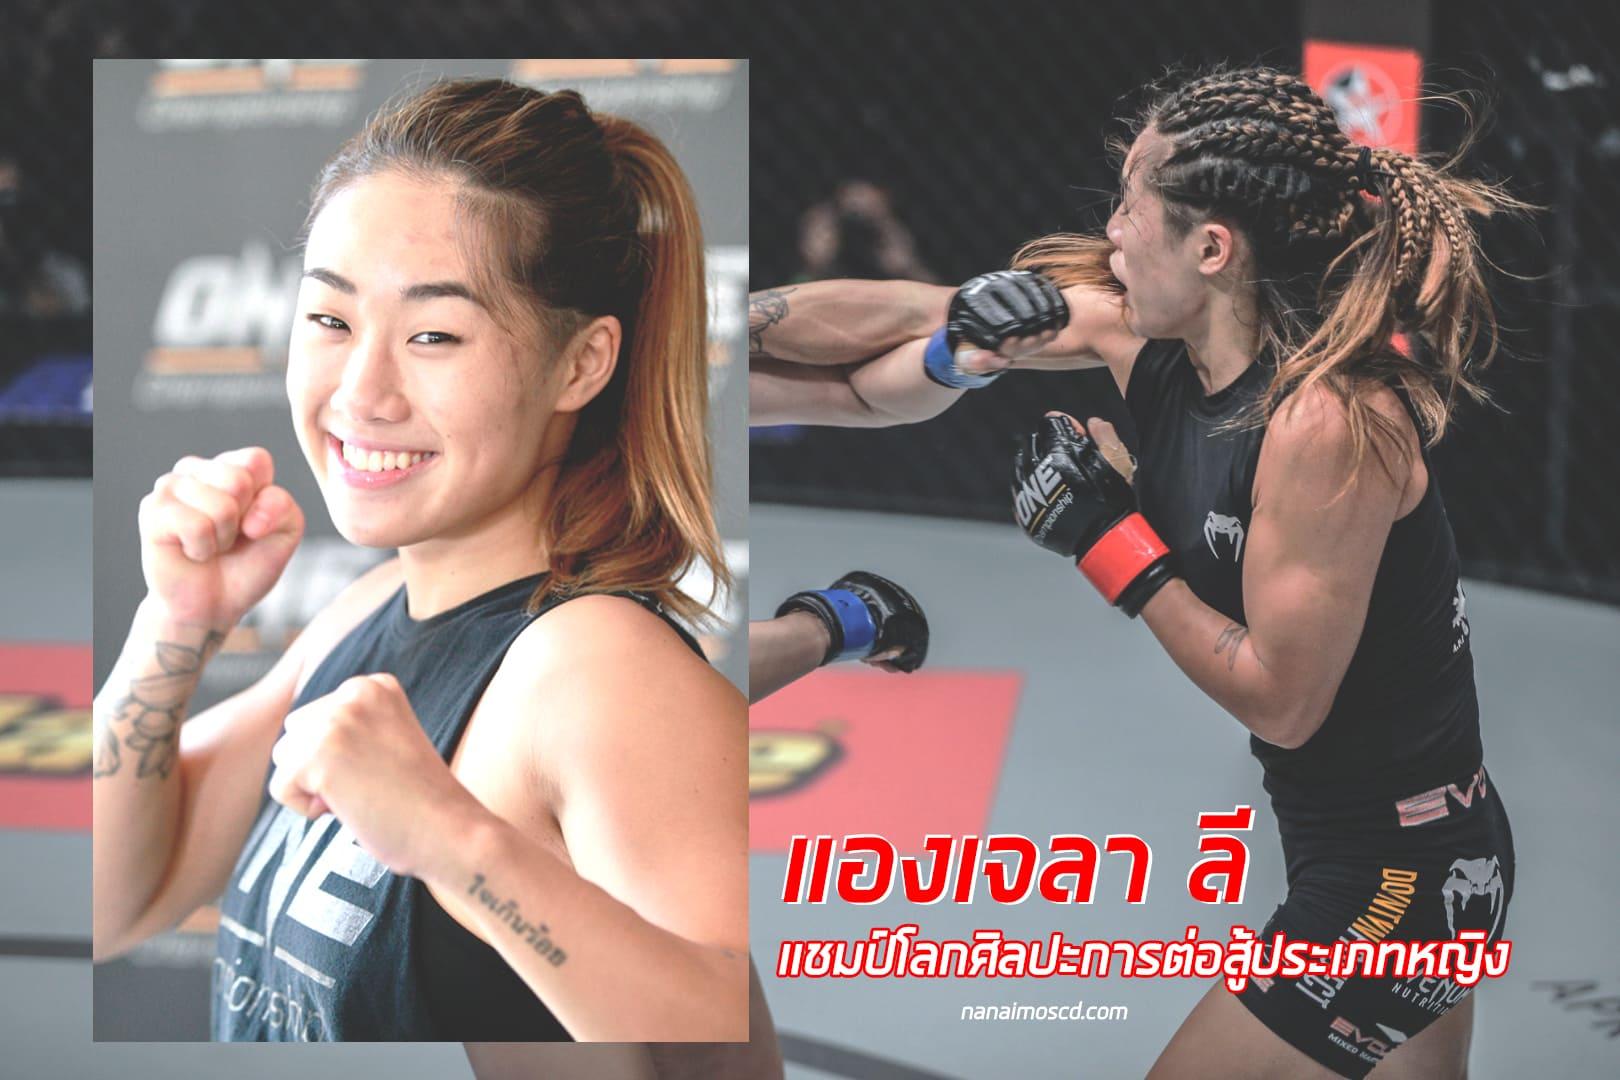 แชมป์โลกศิลปะการต่อสู้ประเภทหญิง แองเจลา ลี